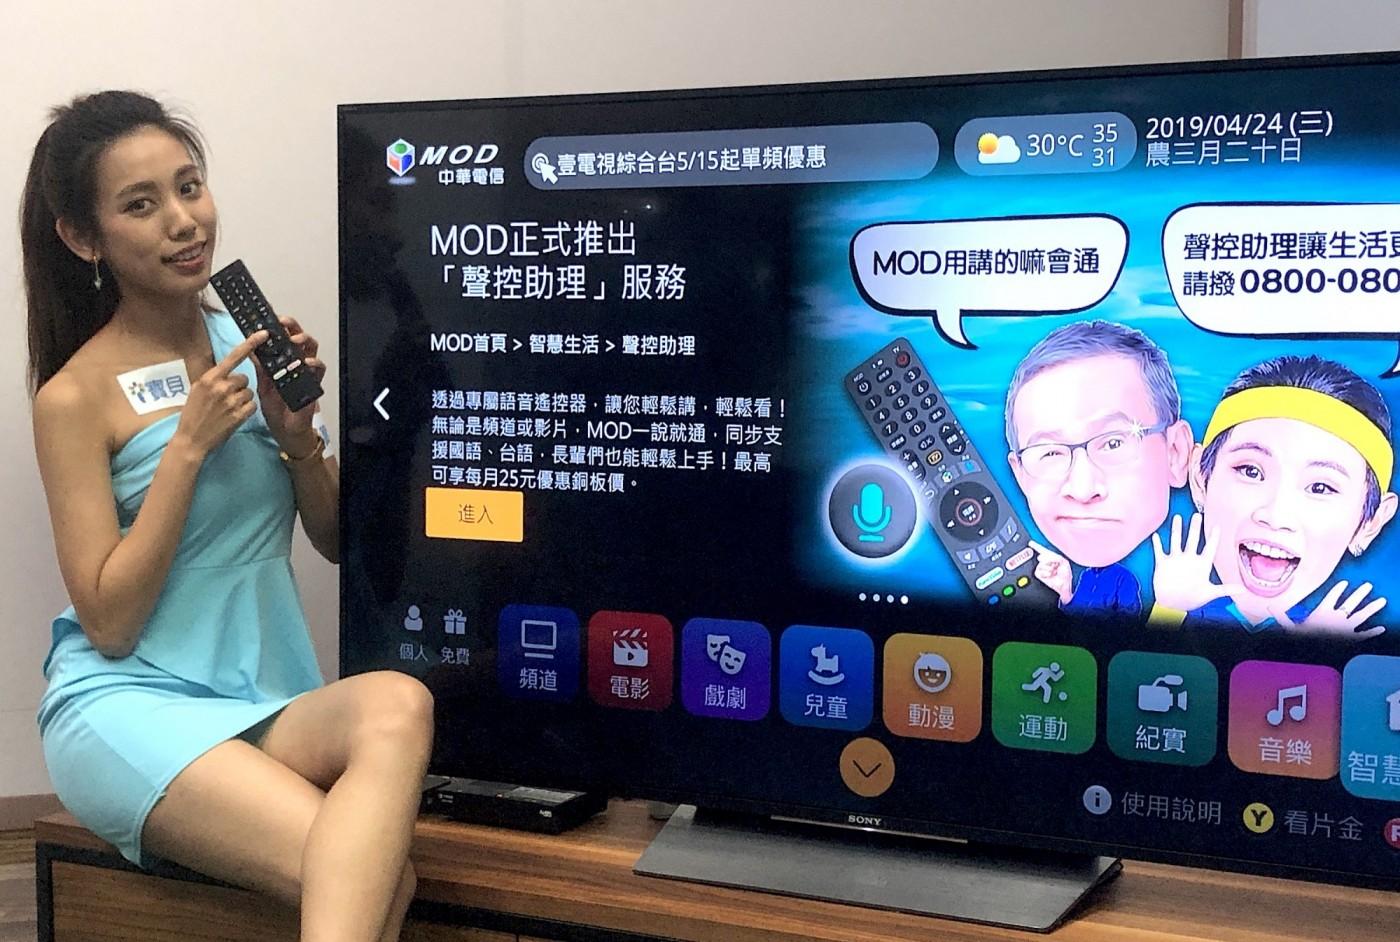 中華電信參戰智慧音箱,能靠MOD聲控功能從亂鬥突圍嗎?